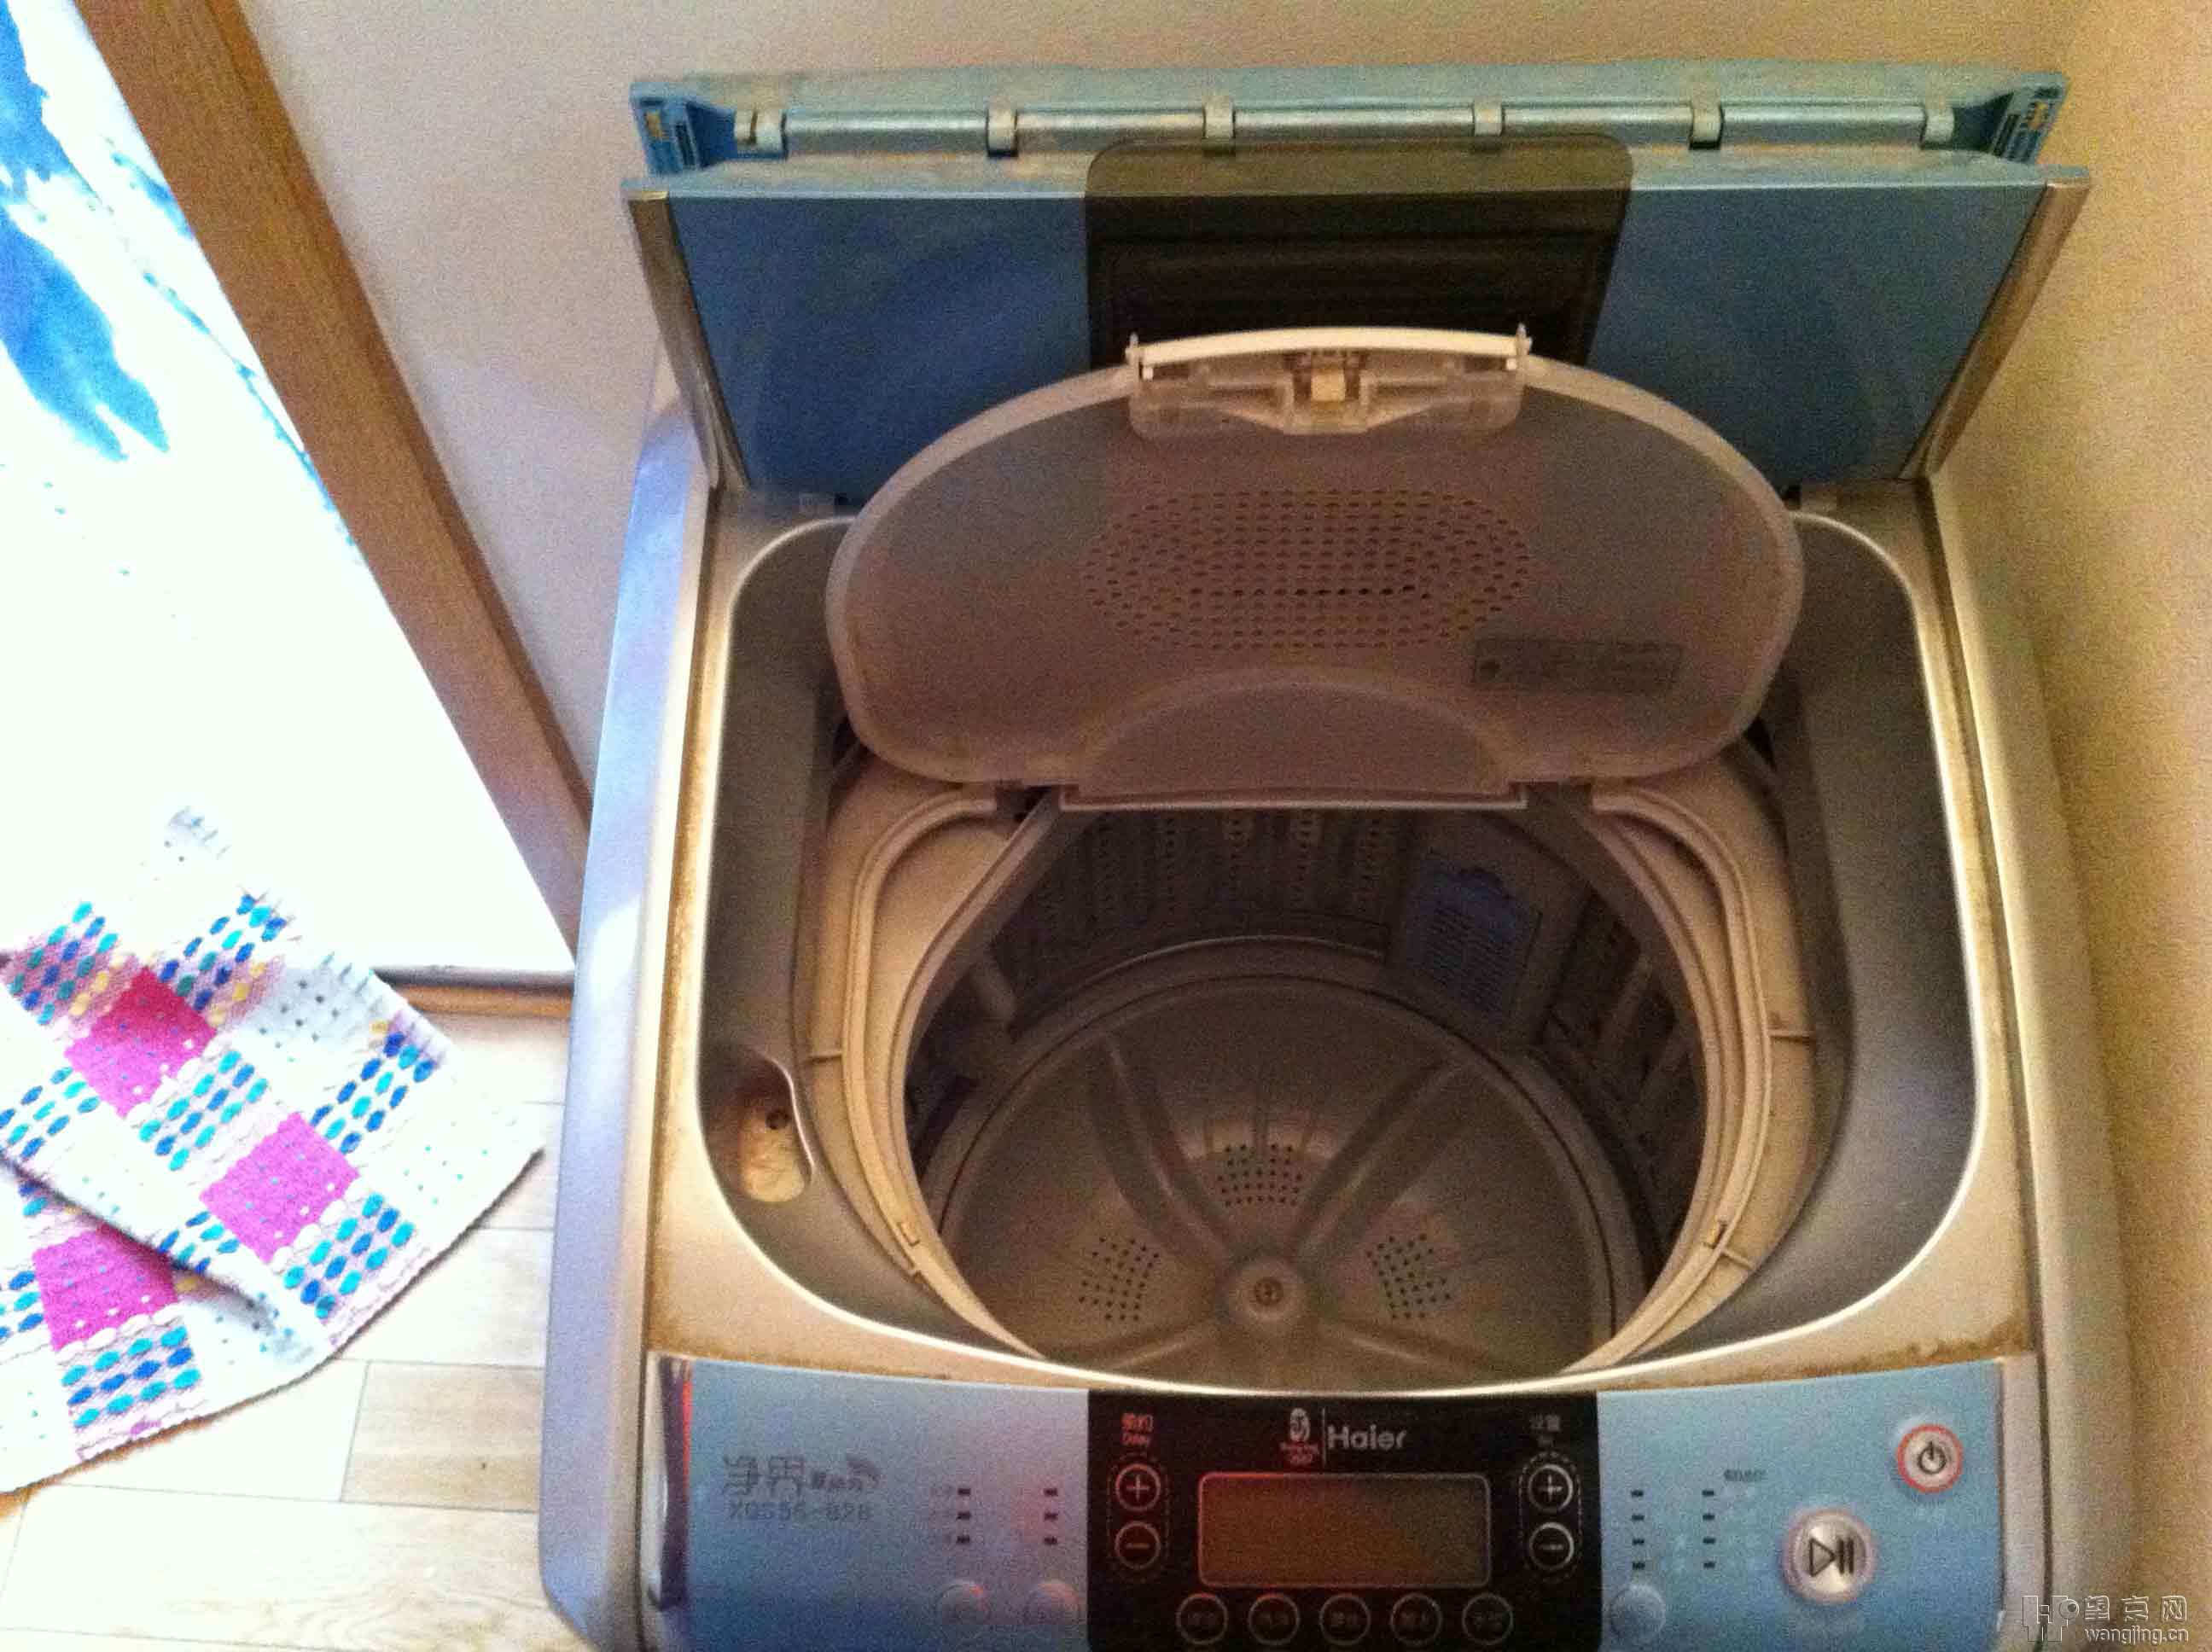 因为搬家转让海尔全自动洗衣机一台,挺好用的。十分钟速洗、可自动根据衣物多少自动选择水位、可手动选择12档水位、2-24小时预约。 详细介绍见百度百科: http://baike.baidu.com/view/9899581.htm 请看图片: